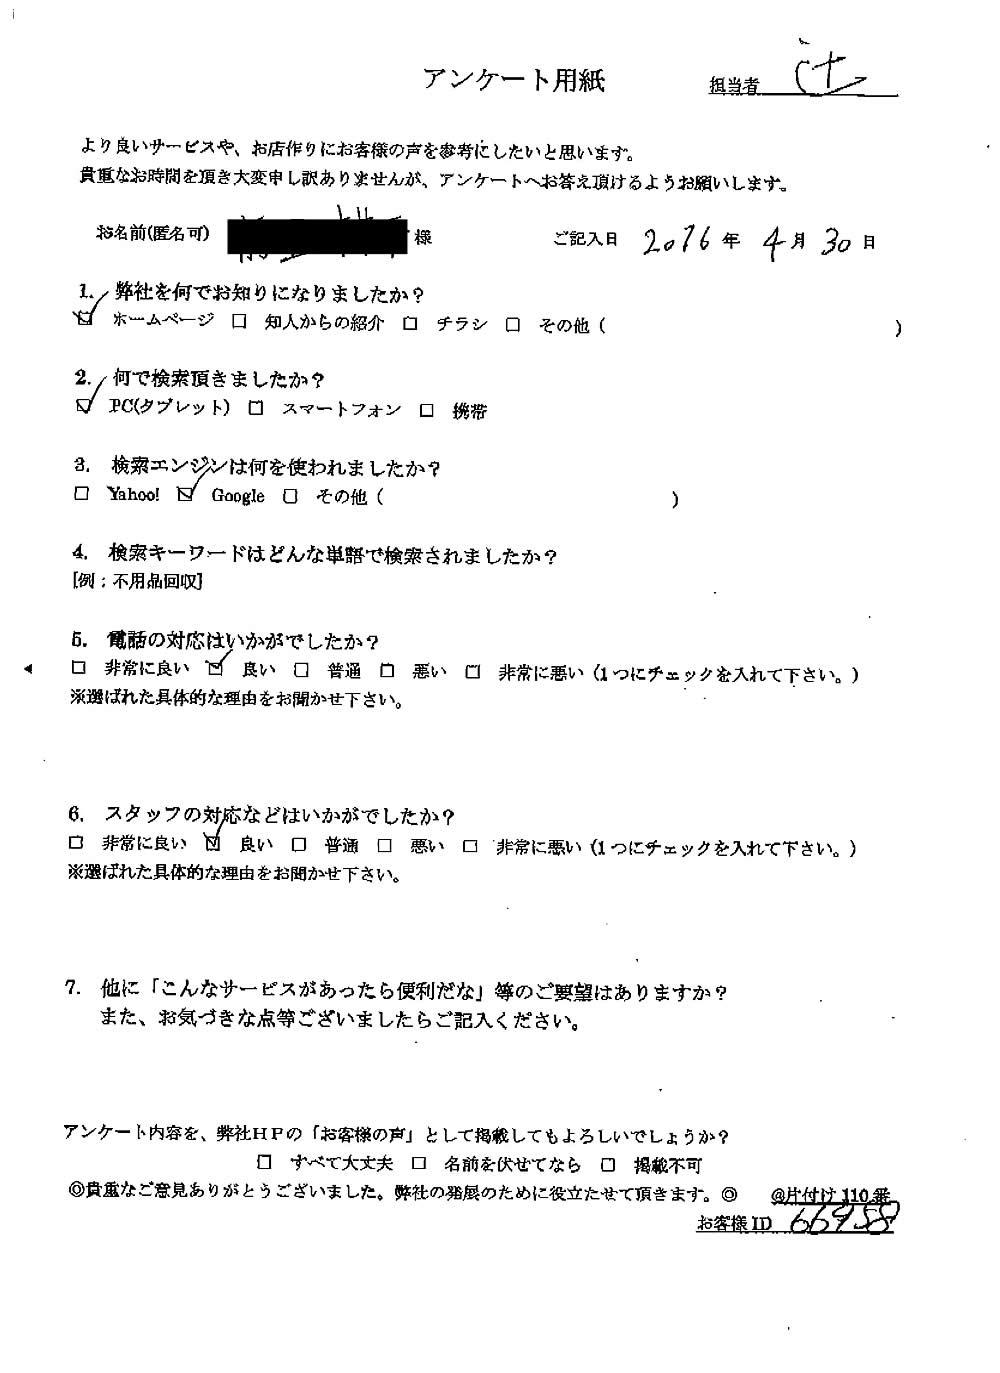 【熊本市】金庫の回収事例☆すぐに引き取りに来てくれた、とご満足いただけました!